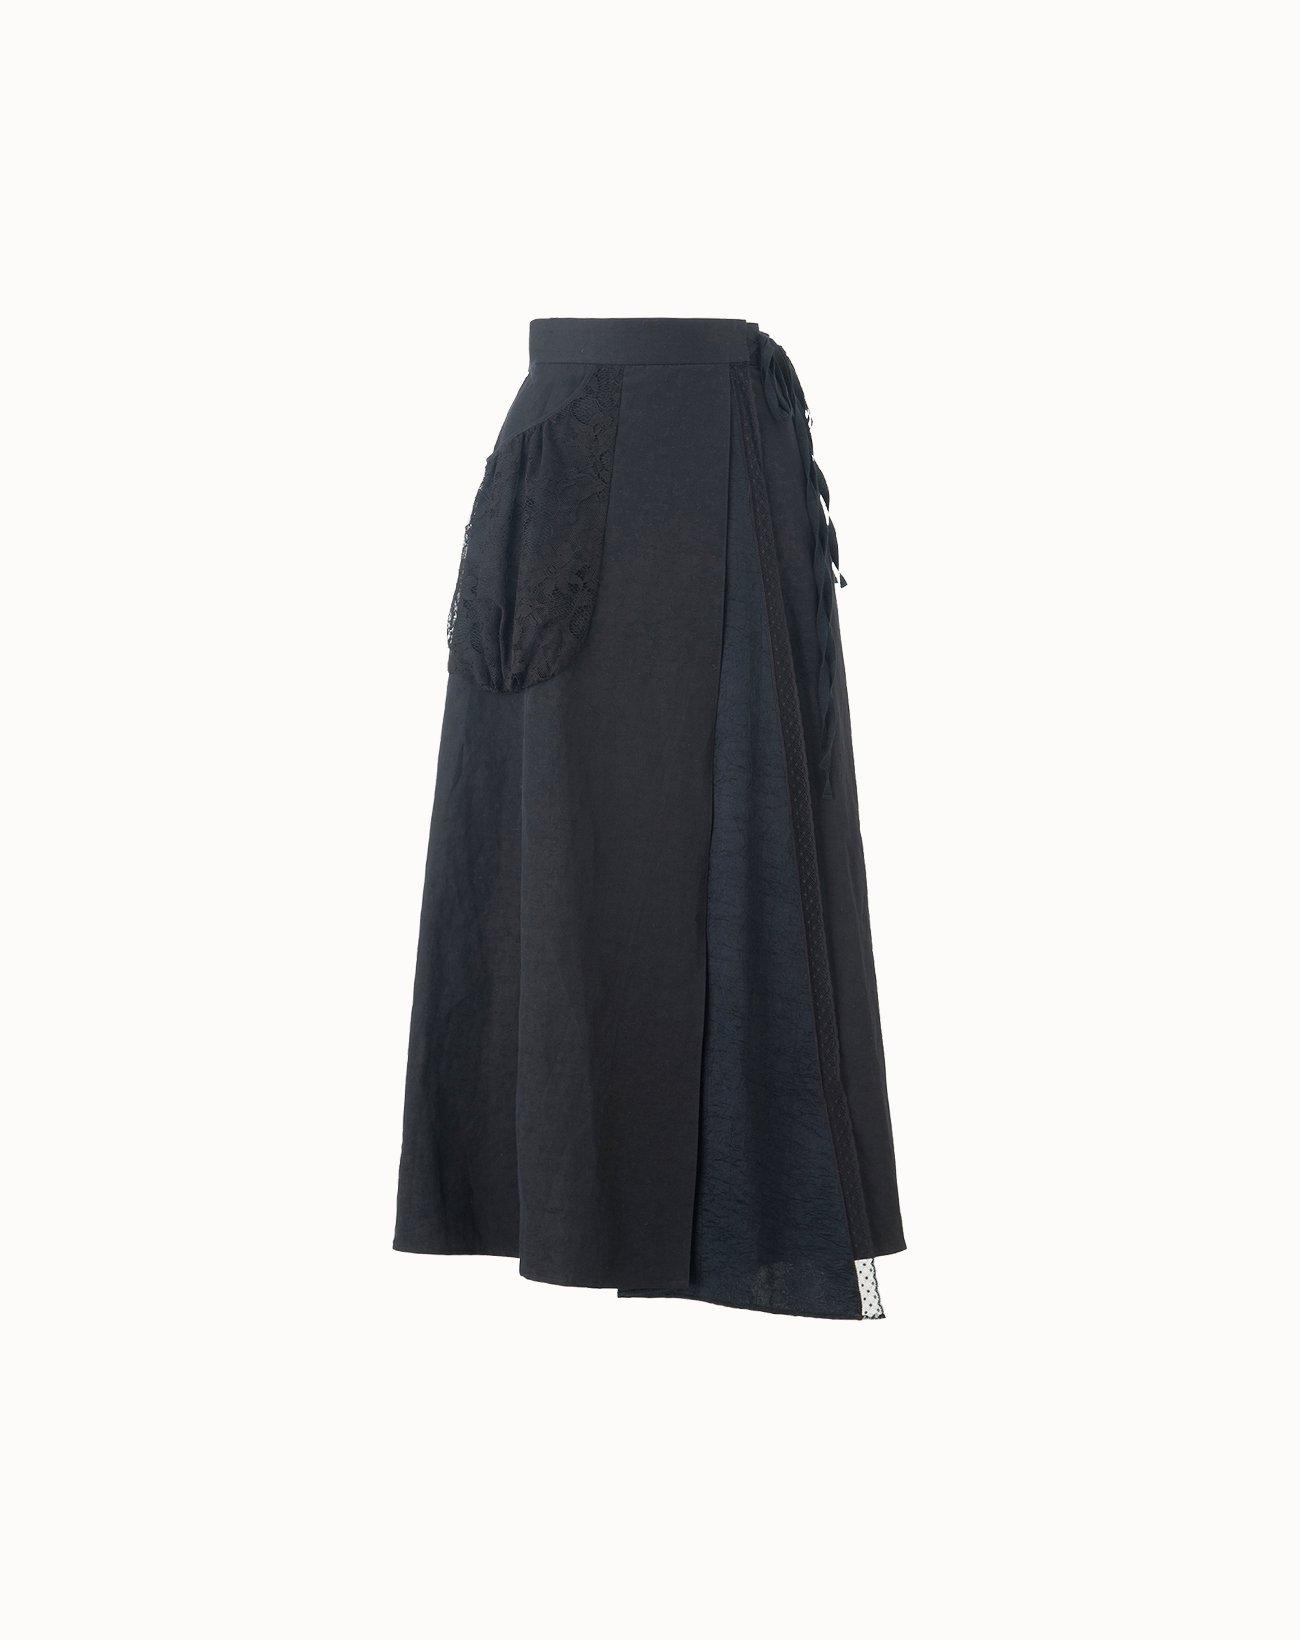 leur logette - Vintage Linen Skirt - Black